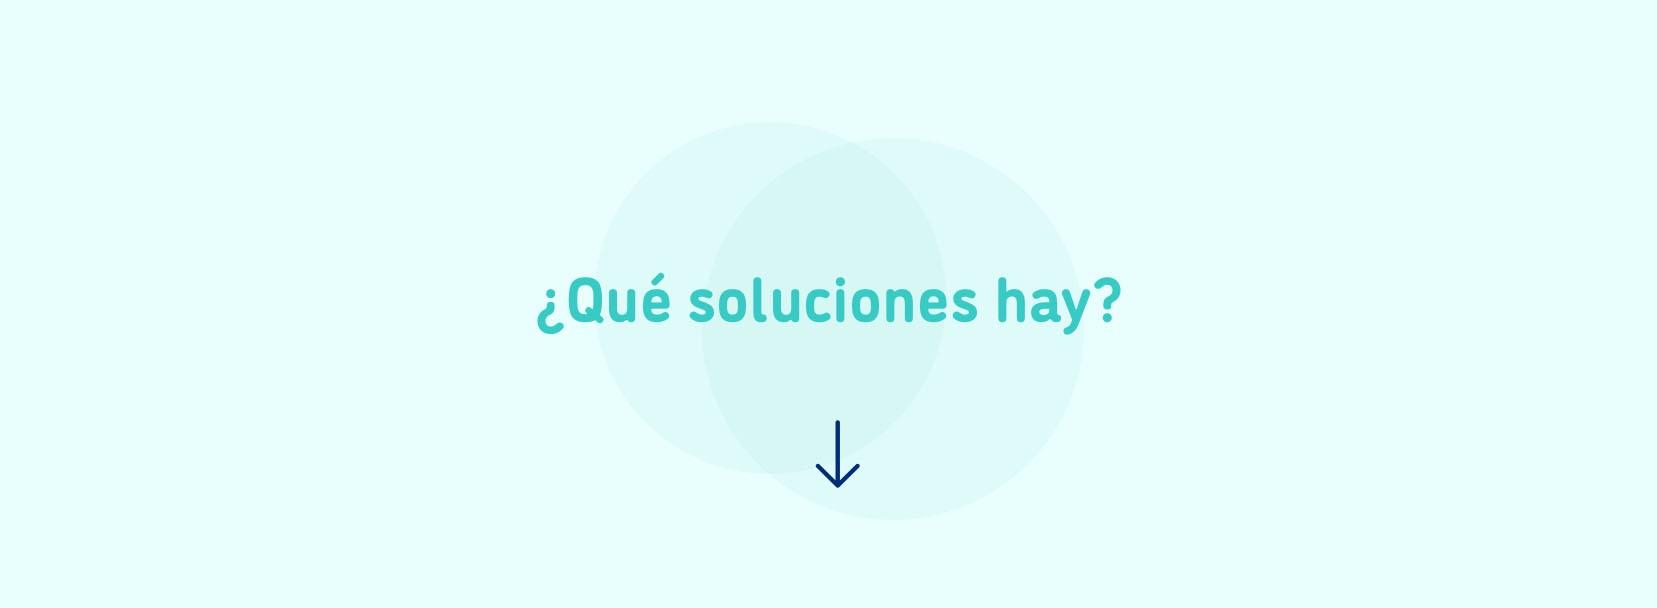 ¿Qué soluciones hay?